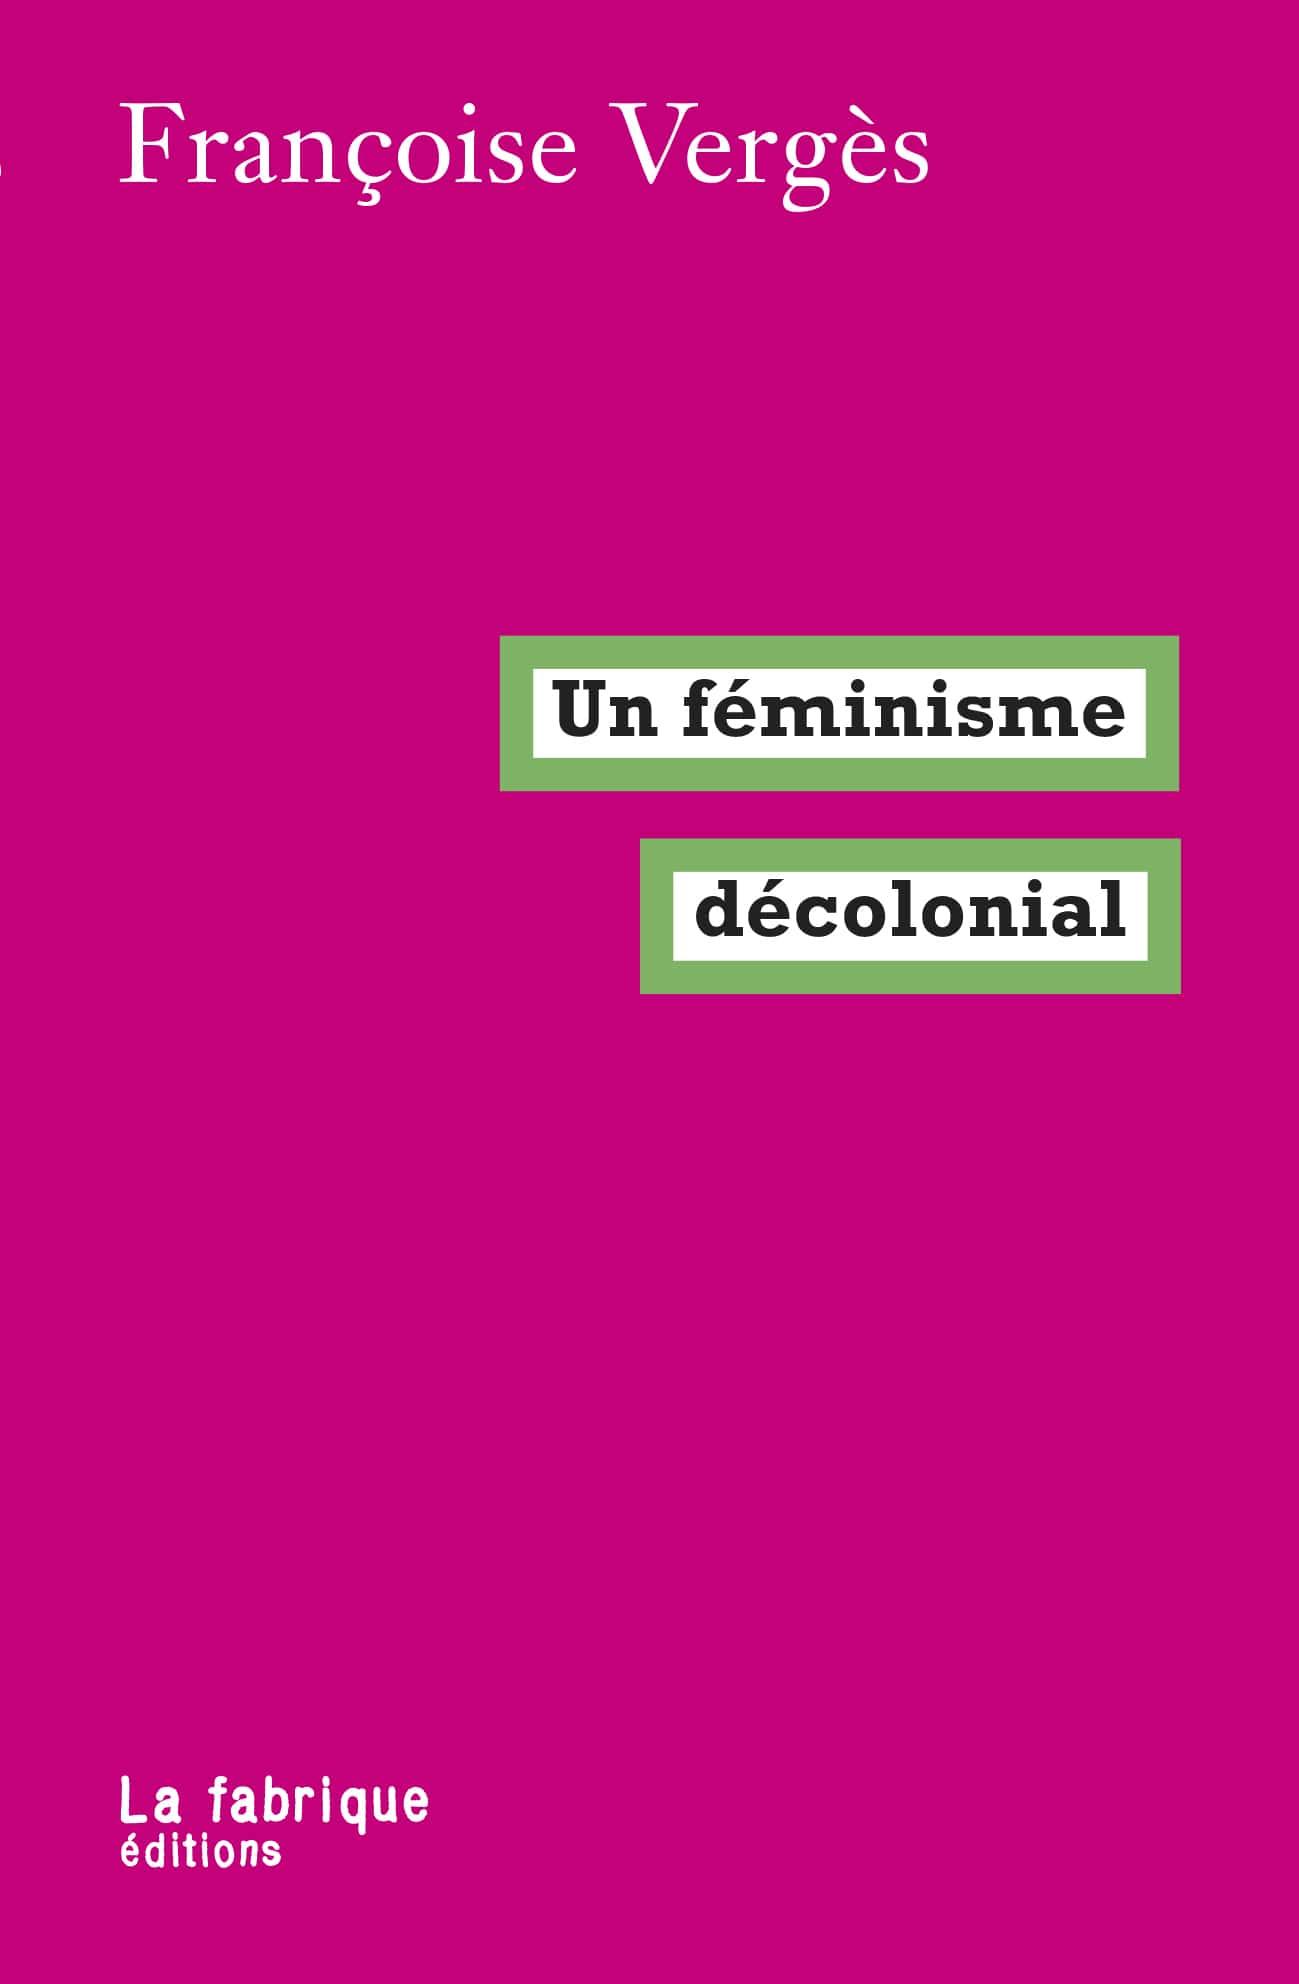 Françoise Vergès, Un féminisme décolonial